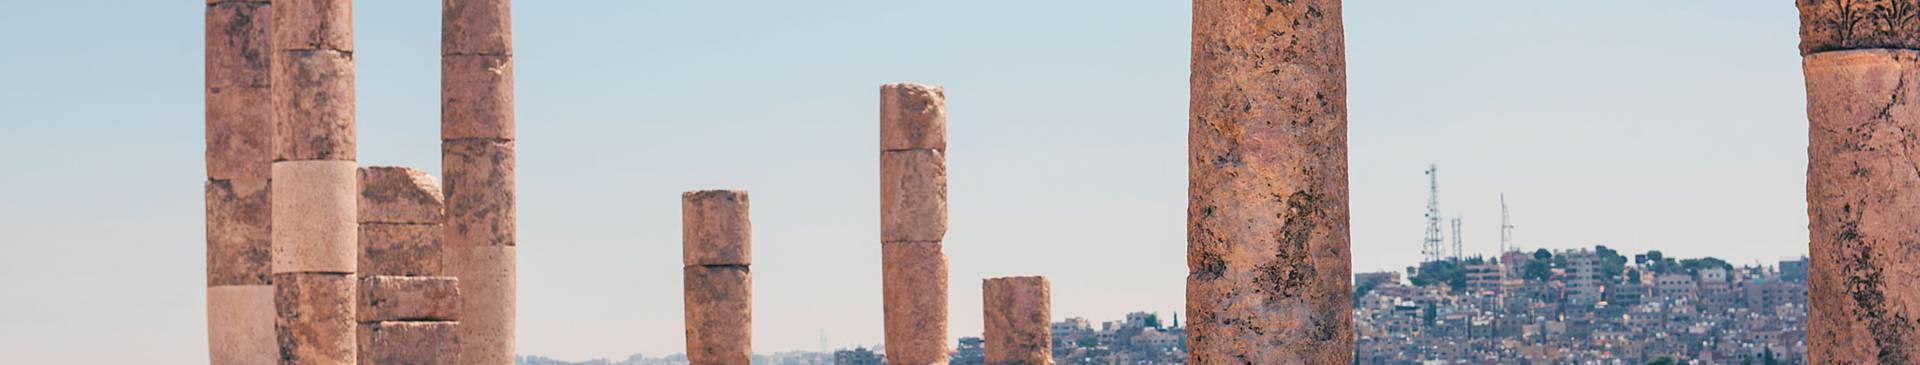 15 jours en Jordanie